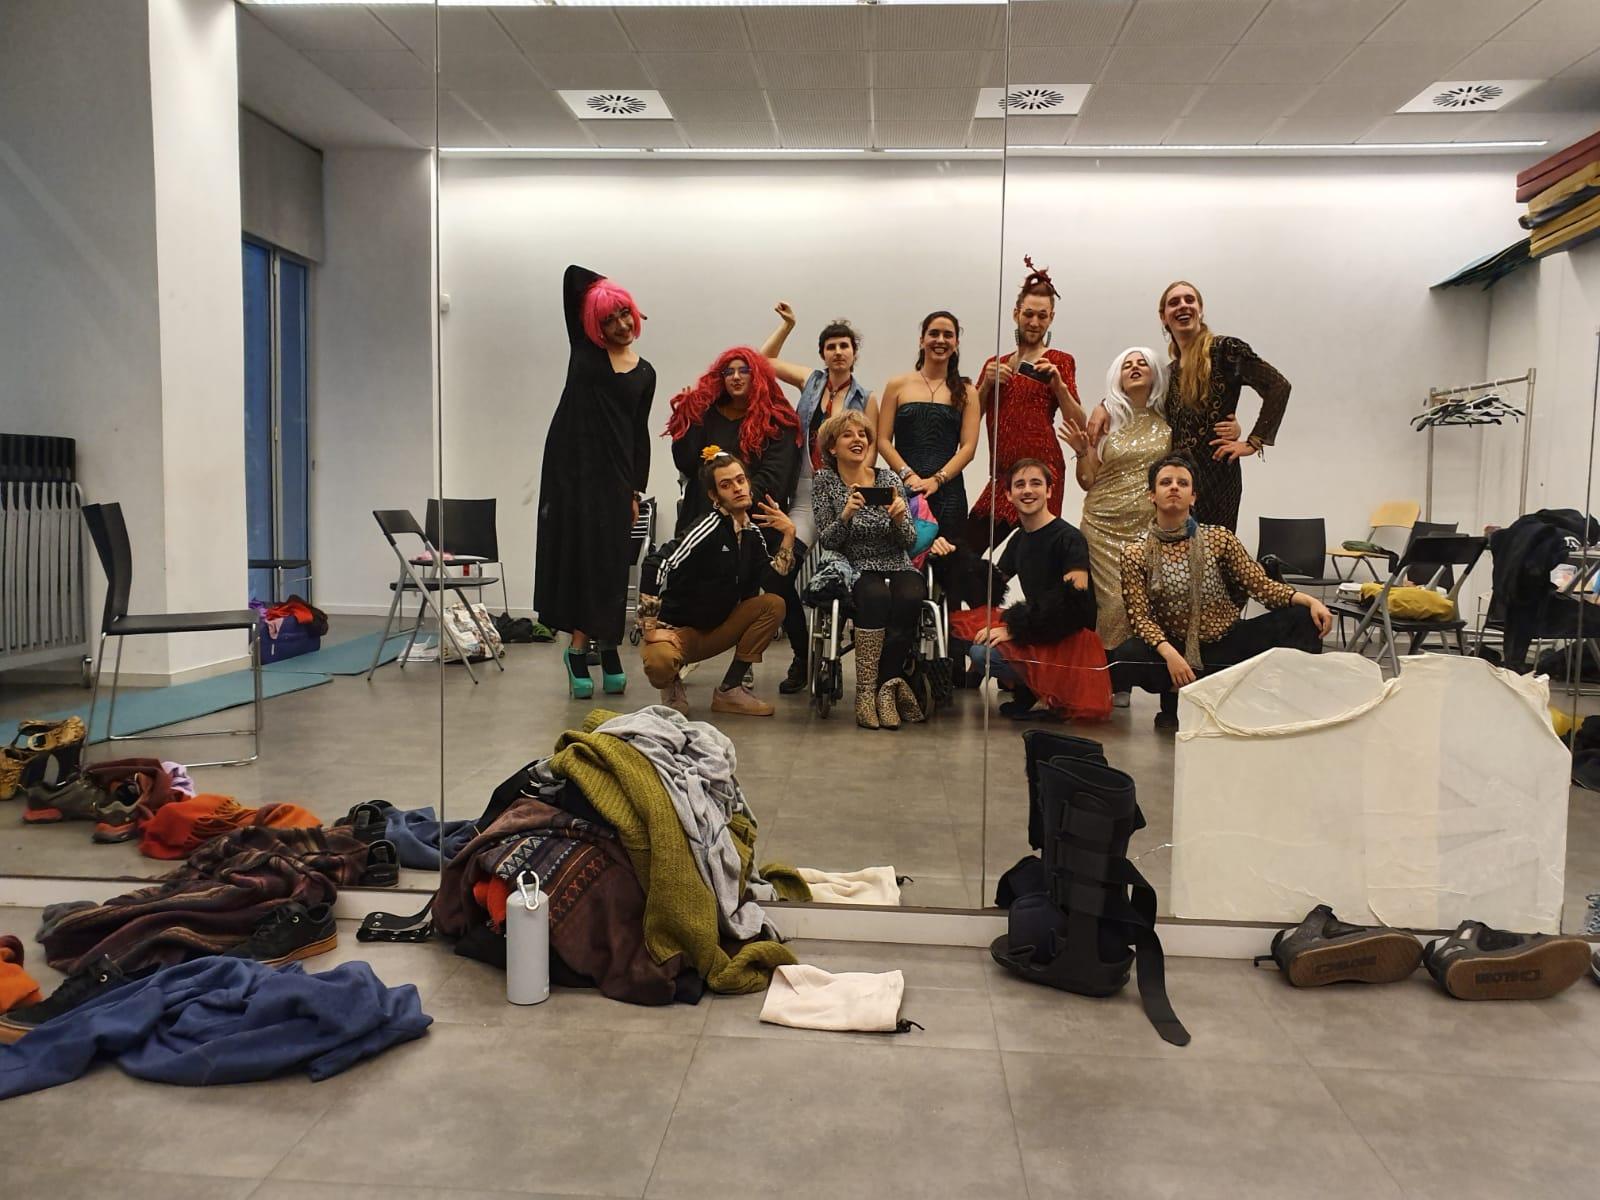 Fotografia feta amb un mòbil al mirall on surten 10 persones disfressades amb perruques, vesits, faldilles, barrets i maquillatge!